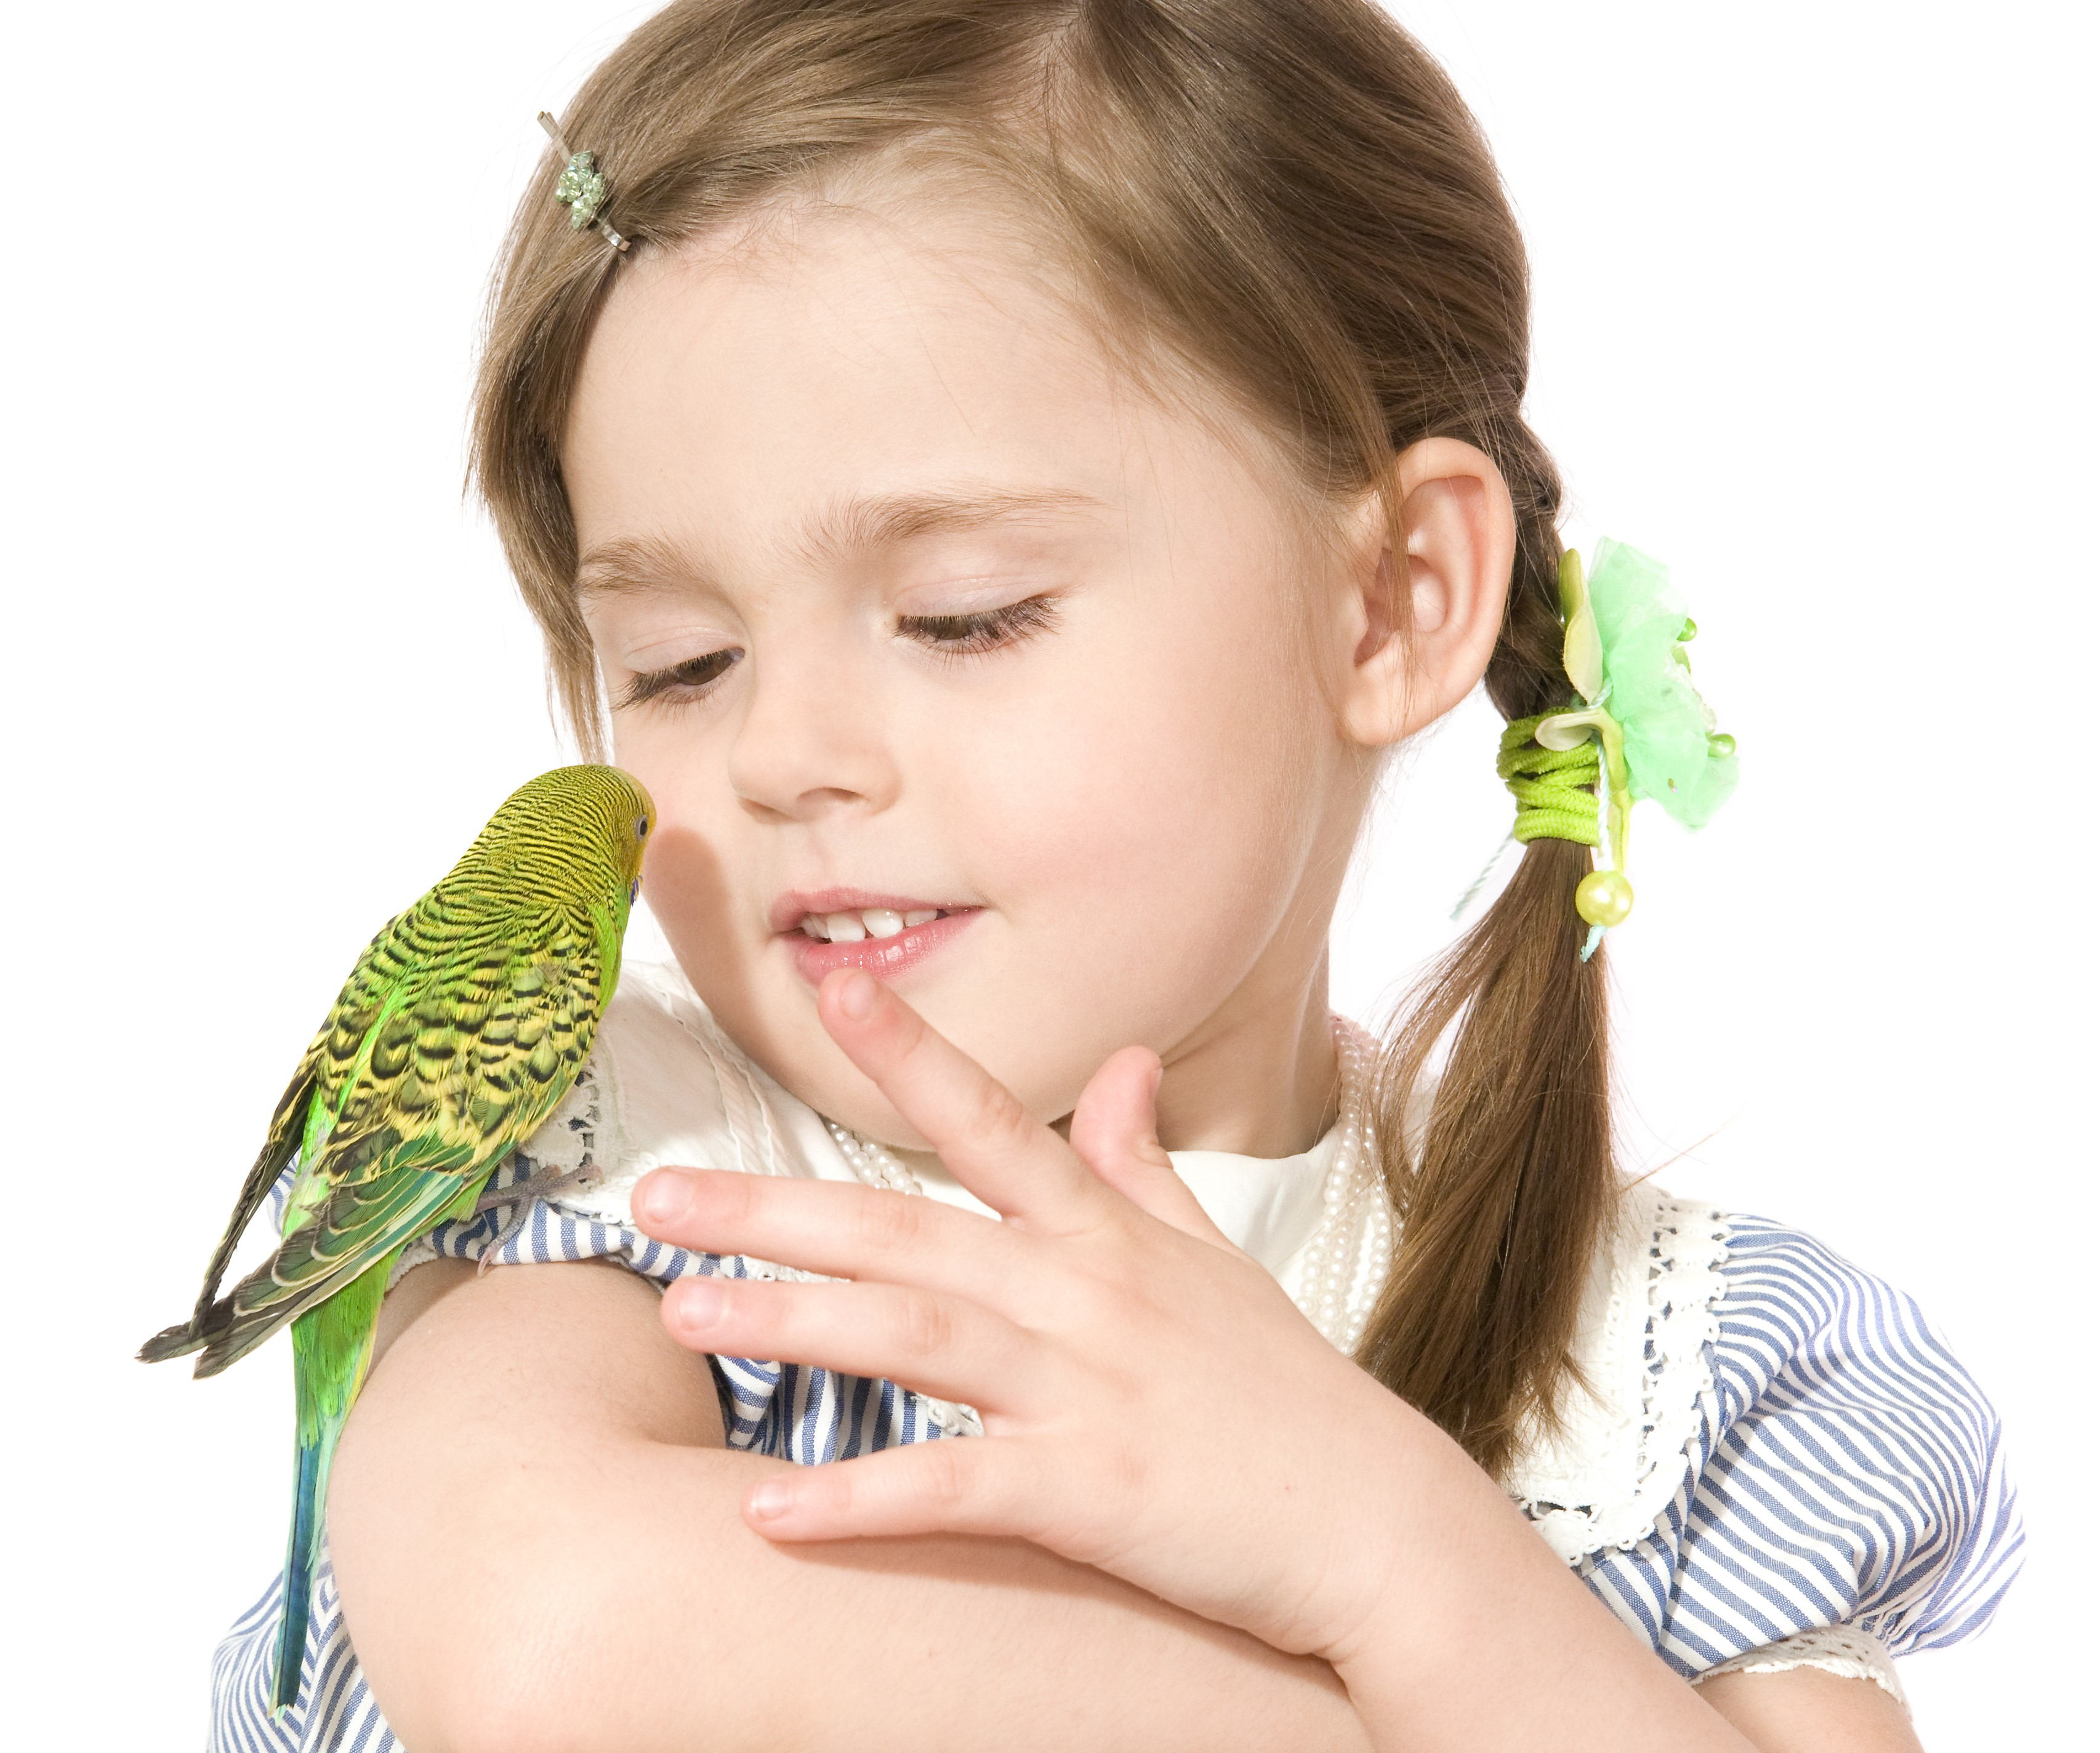 попугай на плече у ребенка